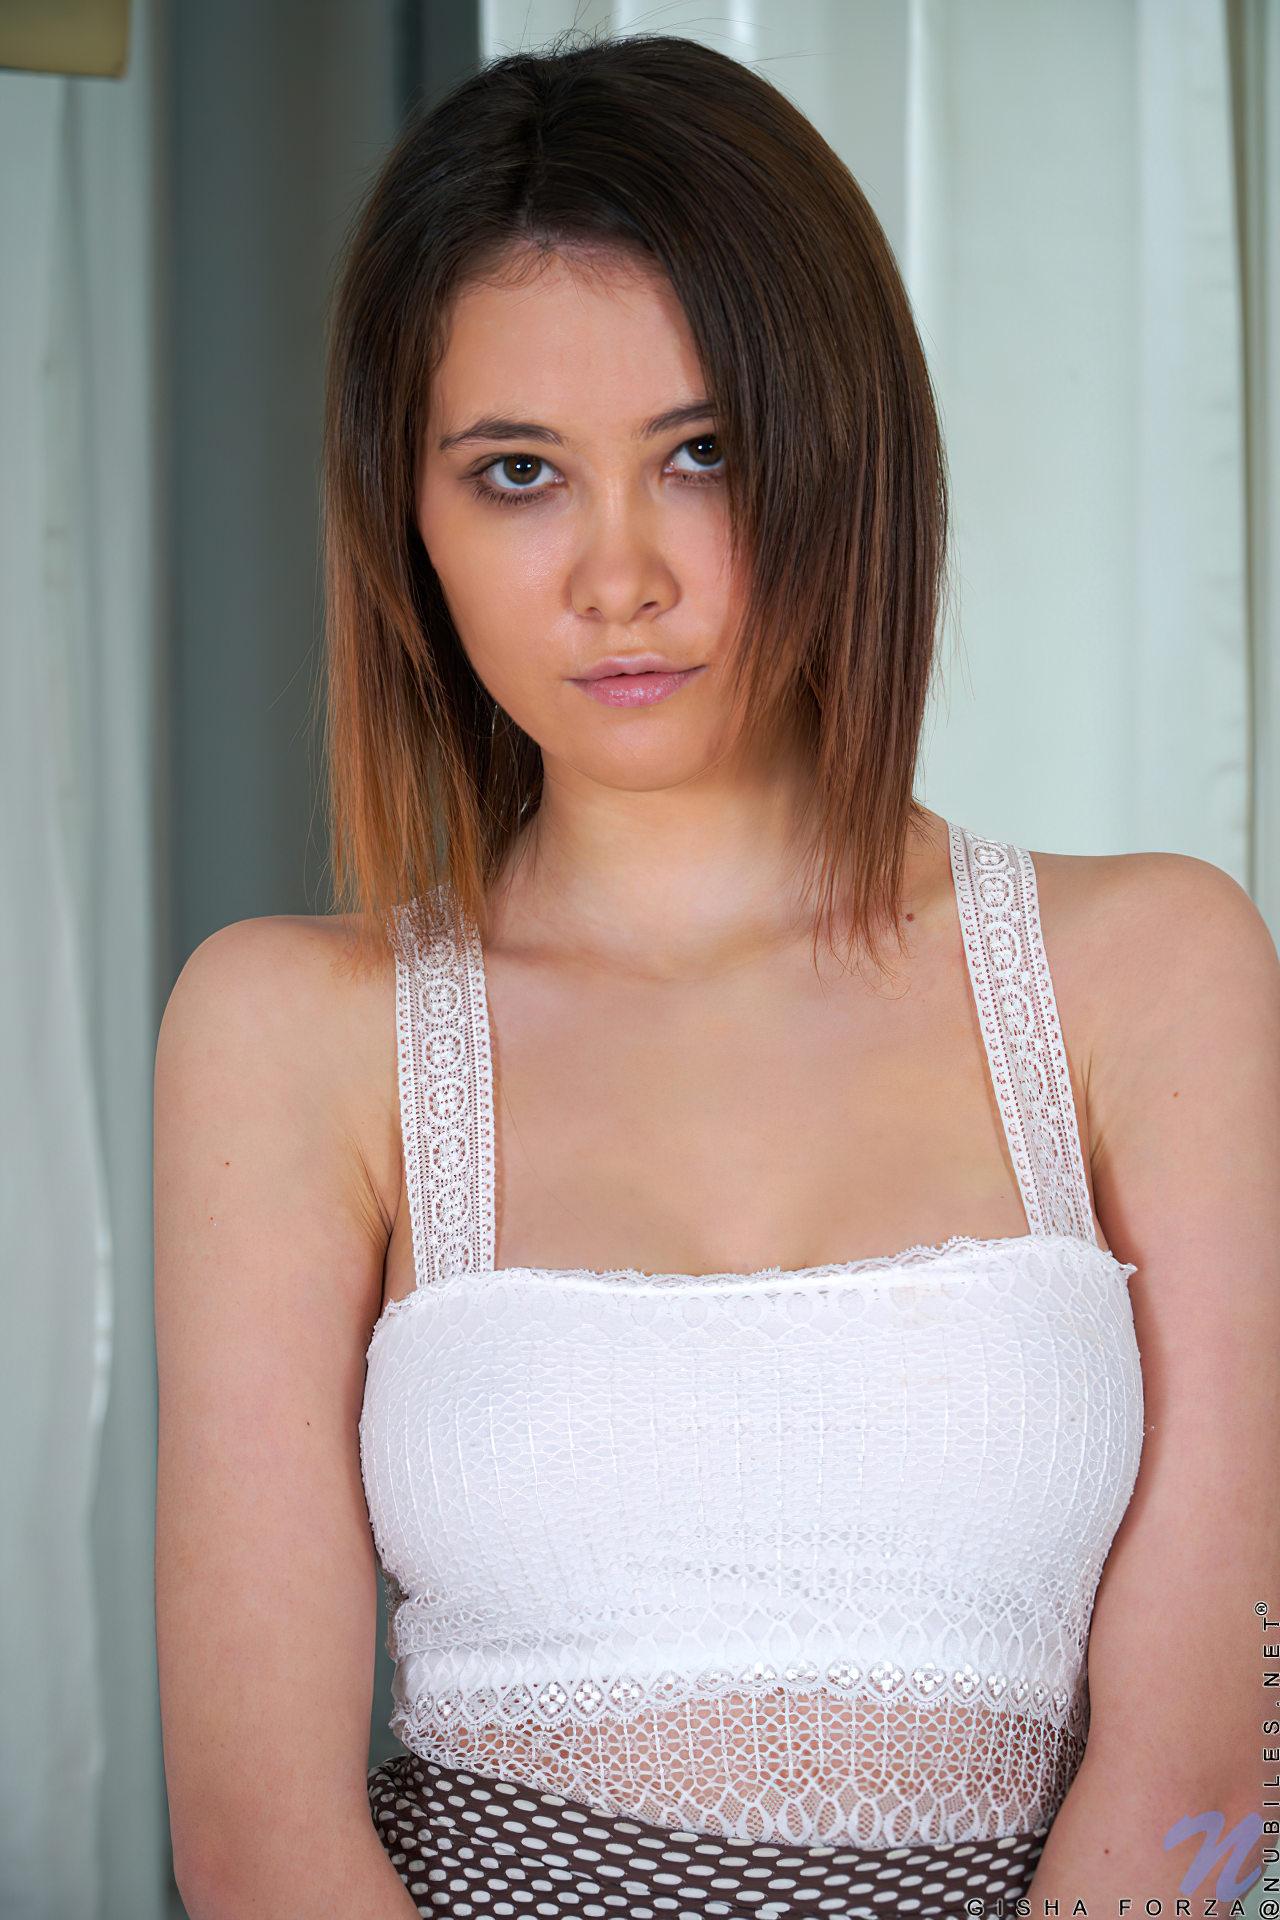 Gisha Forza (2)